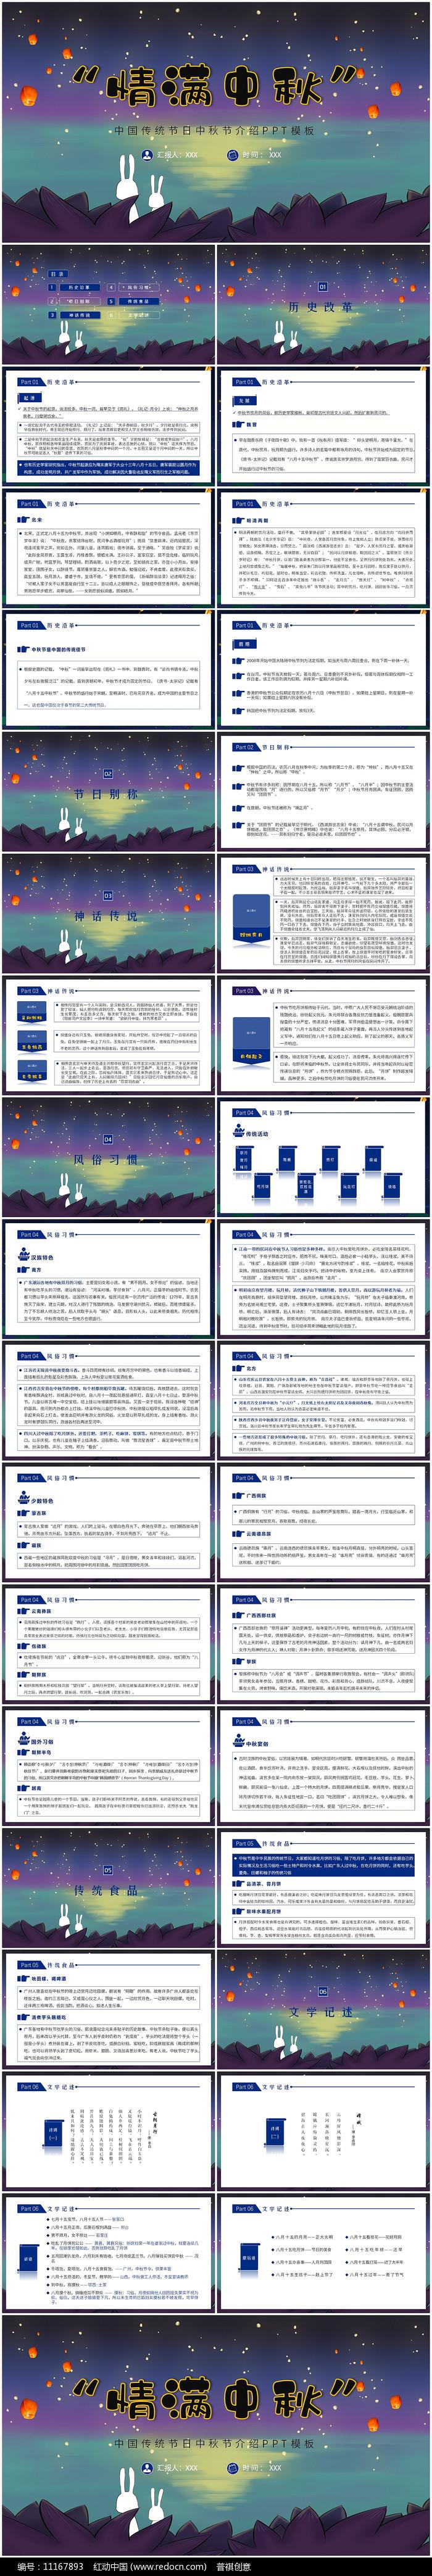 中国传统节日中秋节风俗介绍ppt模板图片